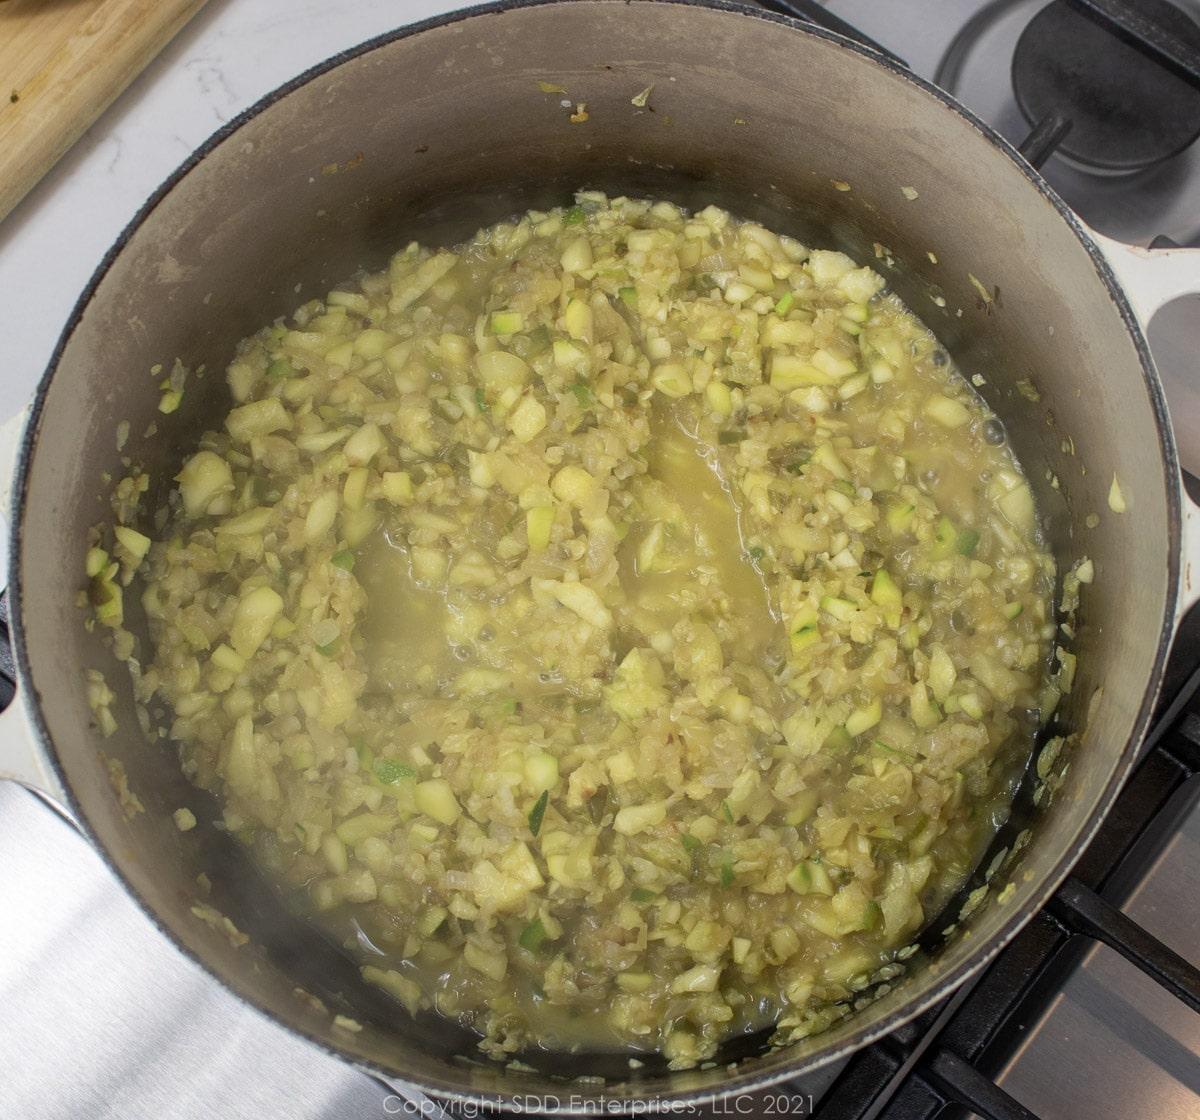 chopped zucchini simmering in a Dutch oven